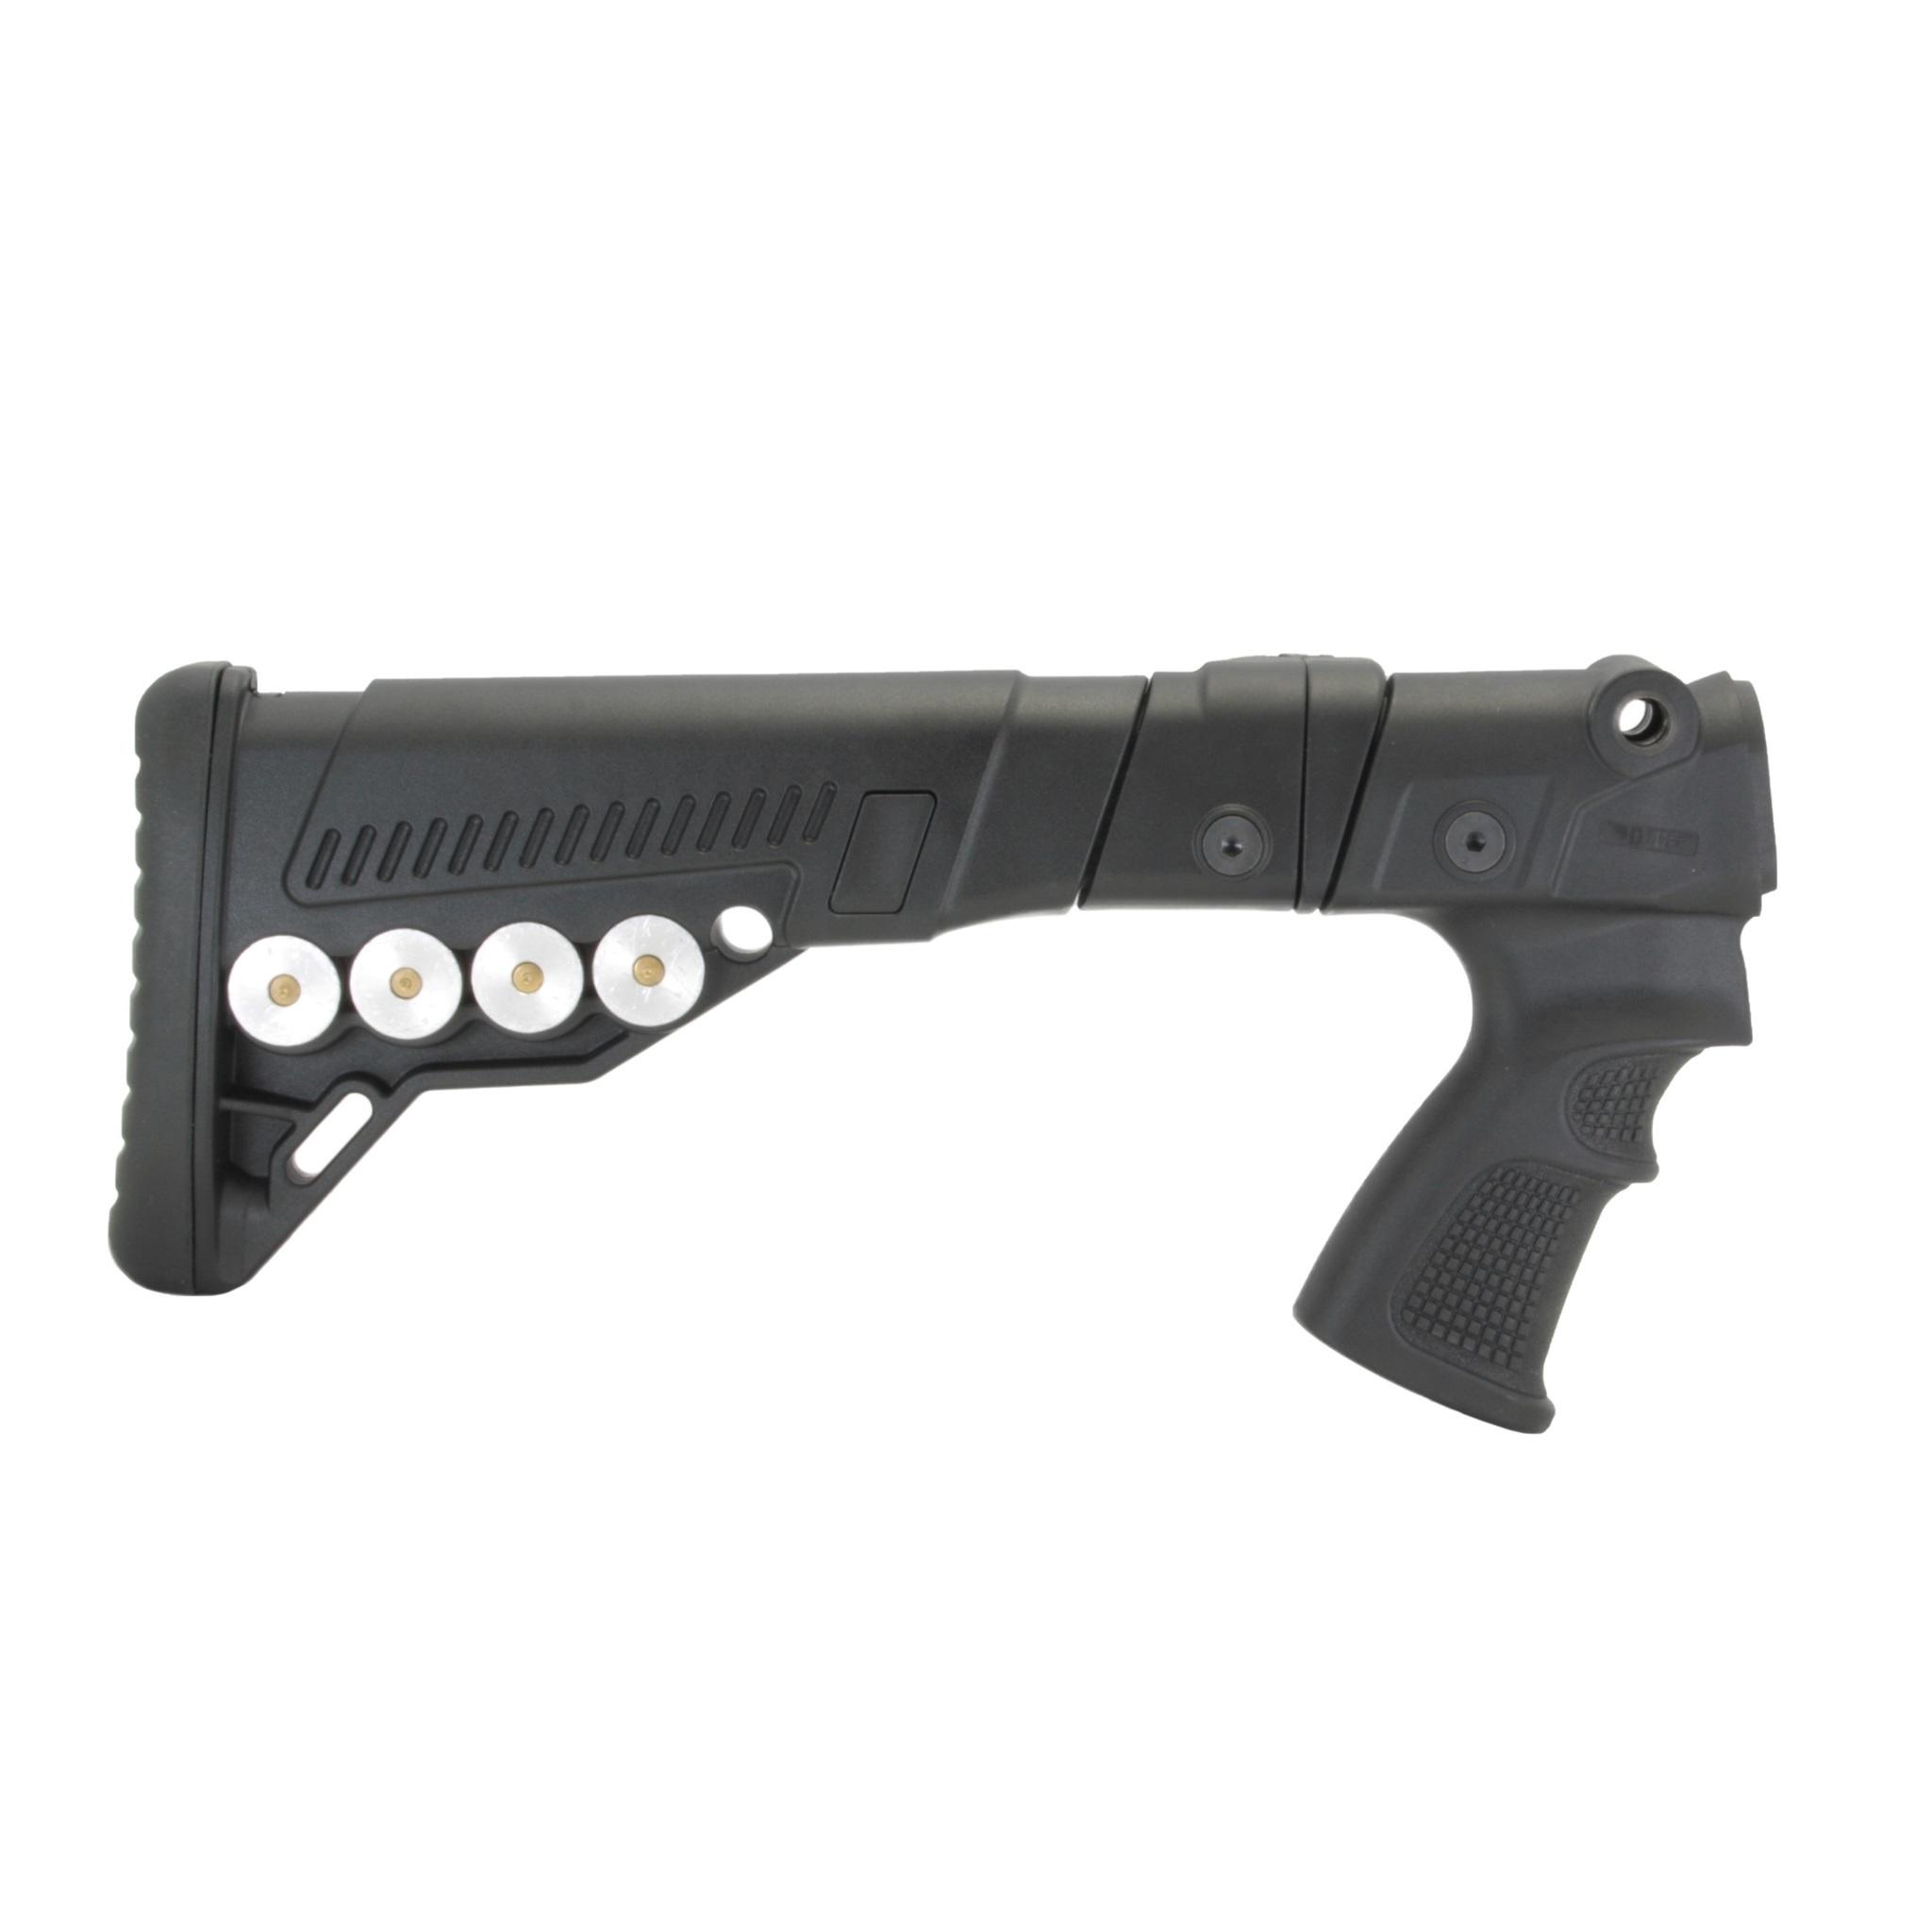 Купить Комплект: Телескопический приклад Ремингтон, DLG Tactical